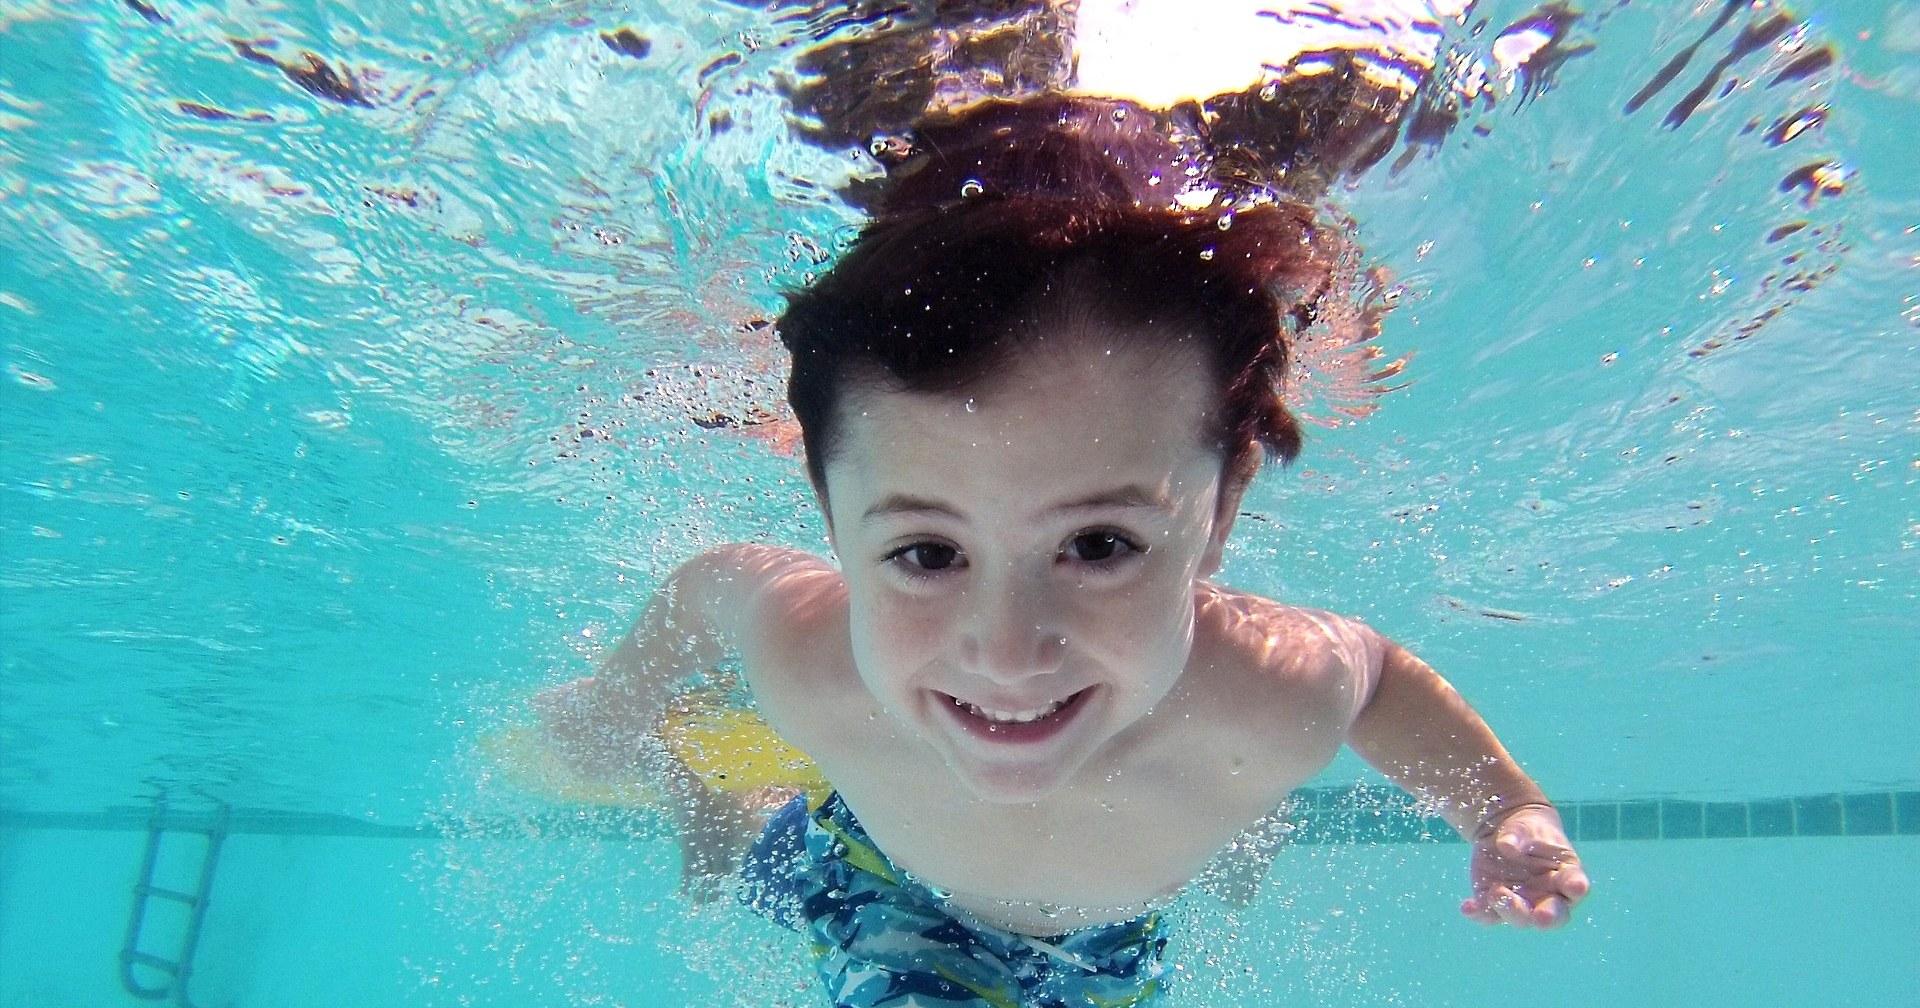 Ein Kind im Schwimmbad bzw. Hallenbad